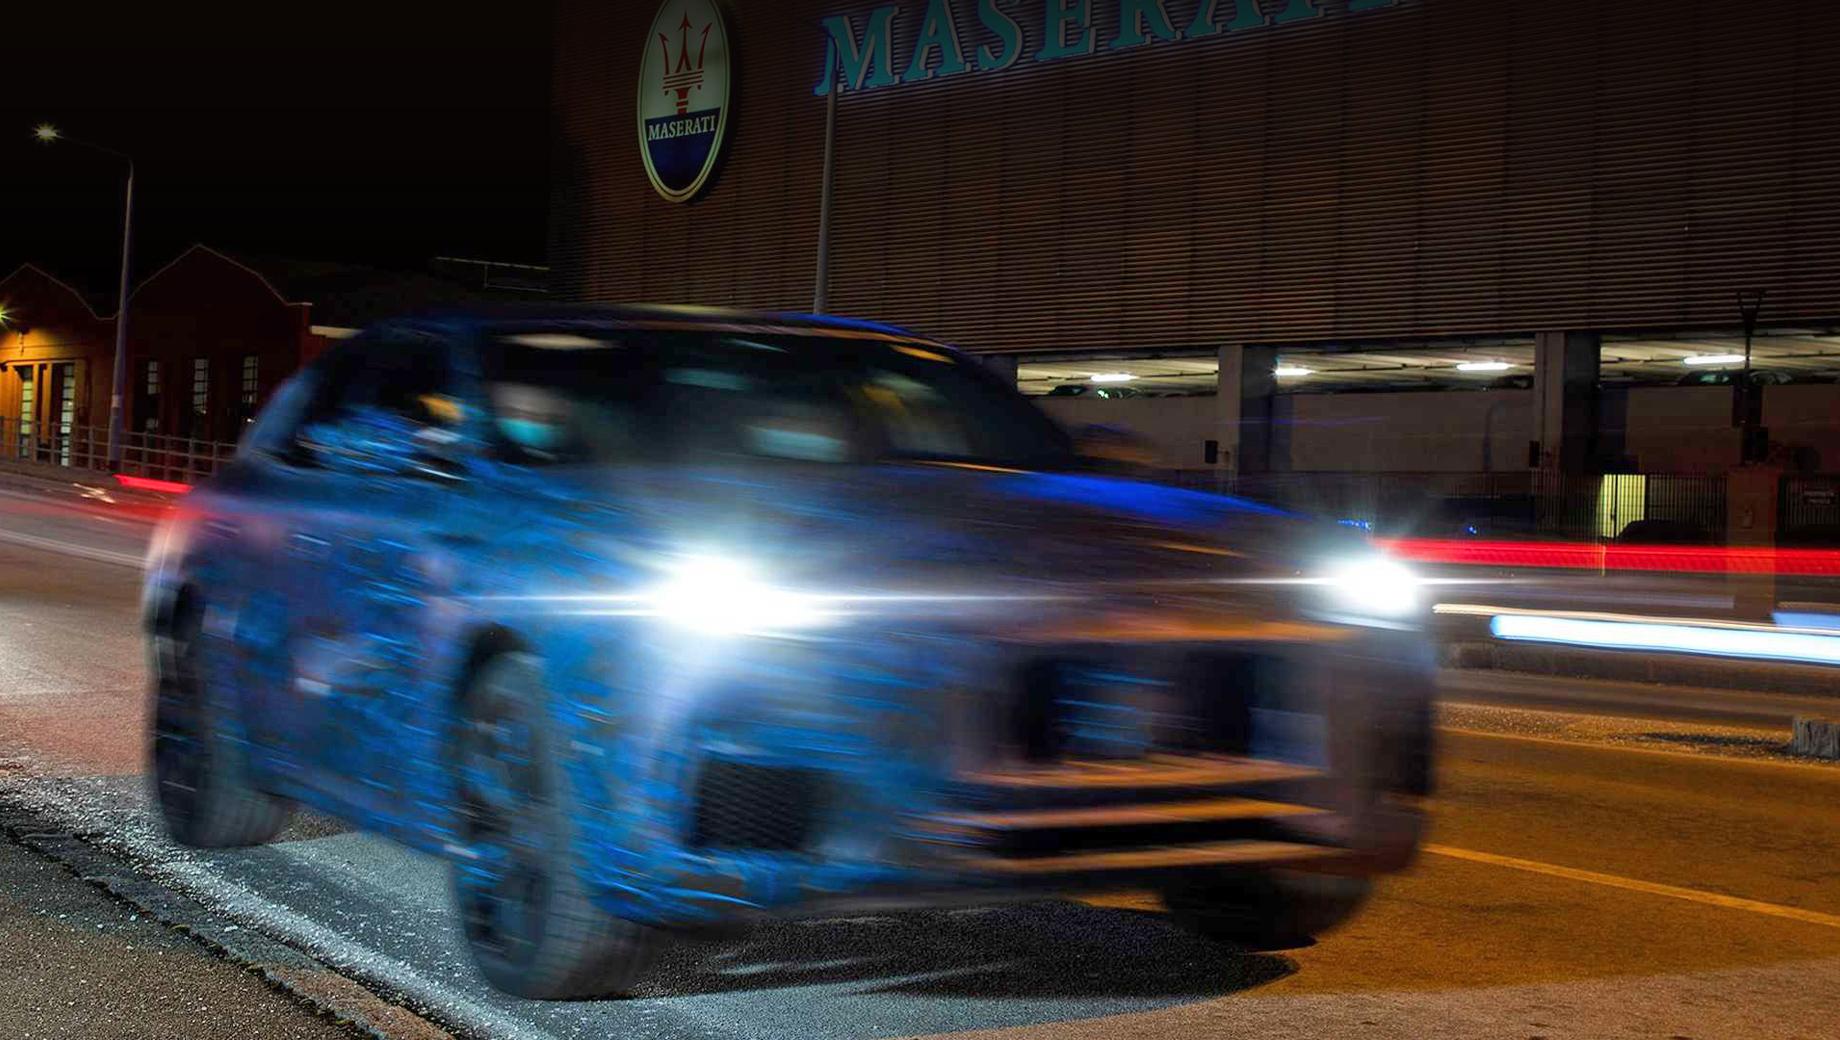 Maserati grecale. Многоугольная крупная решётка радиатора, сетки по краям бампера и высоко поставленные фары связывают облик Grecale с более крупным Levante.